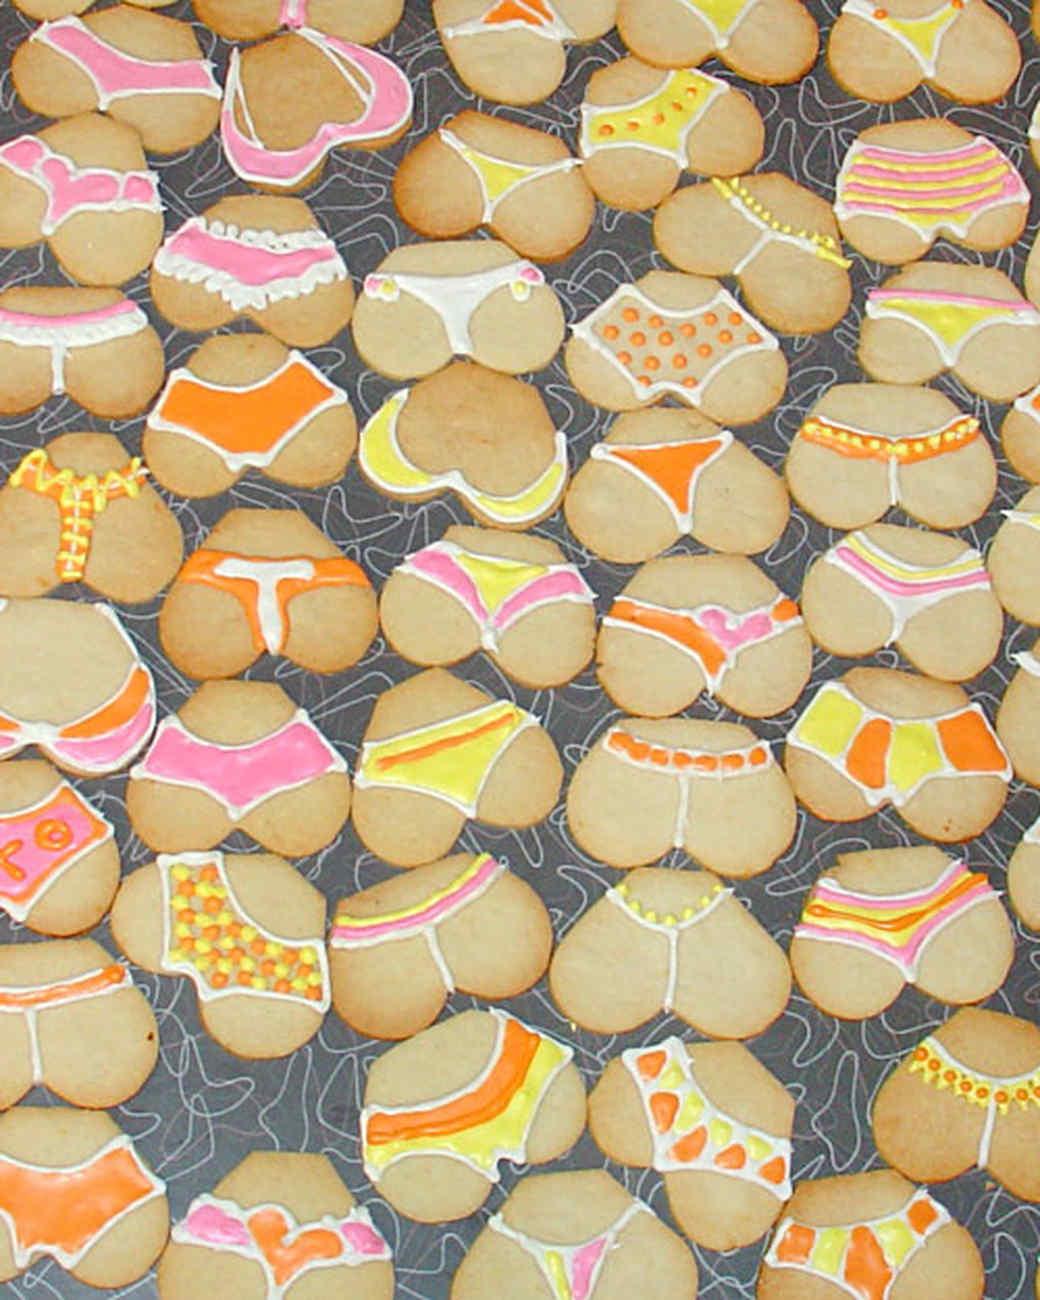 6101_021411_cookies.jpg